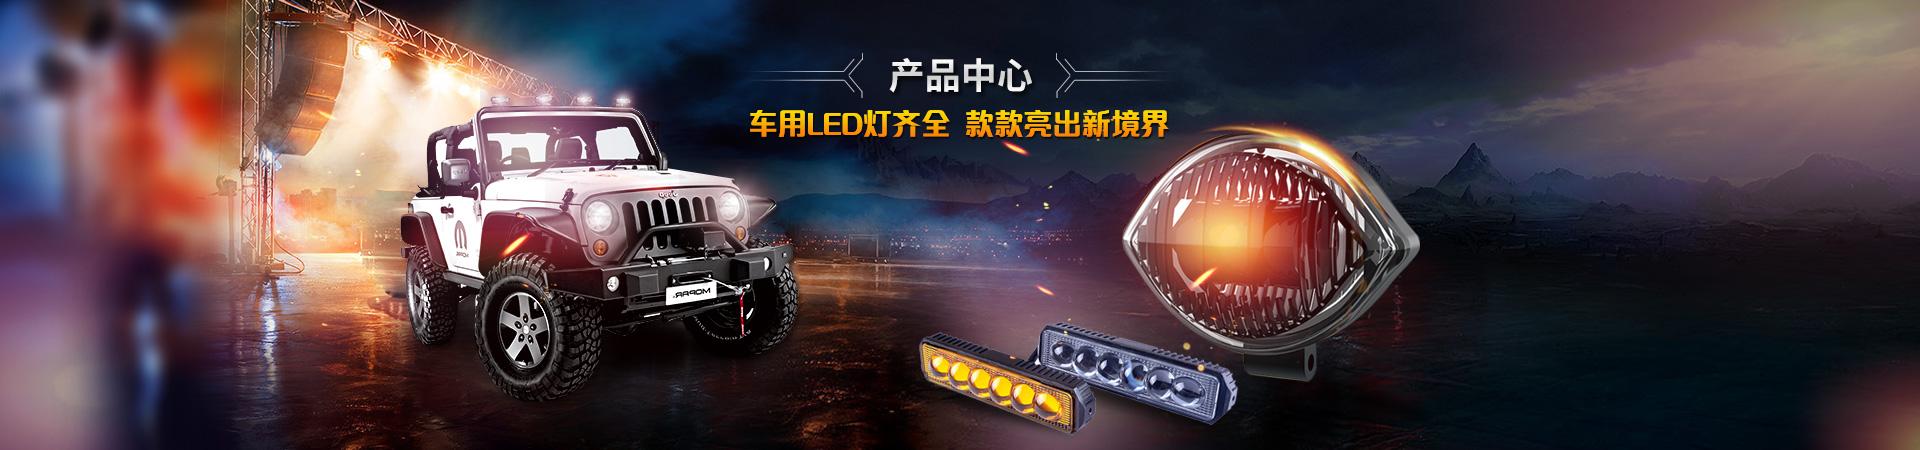 车用LED灯齐全  款款亮出新境界